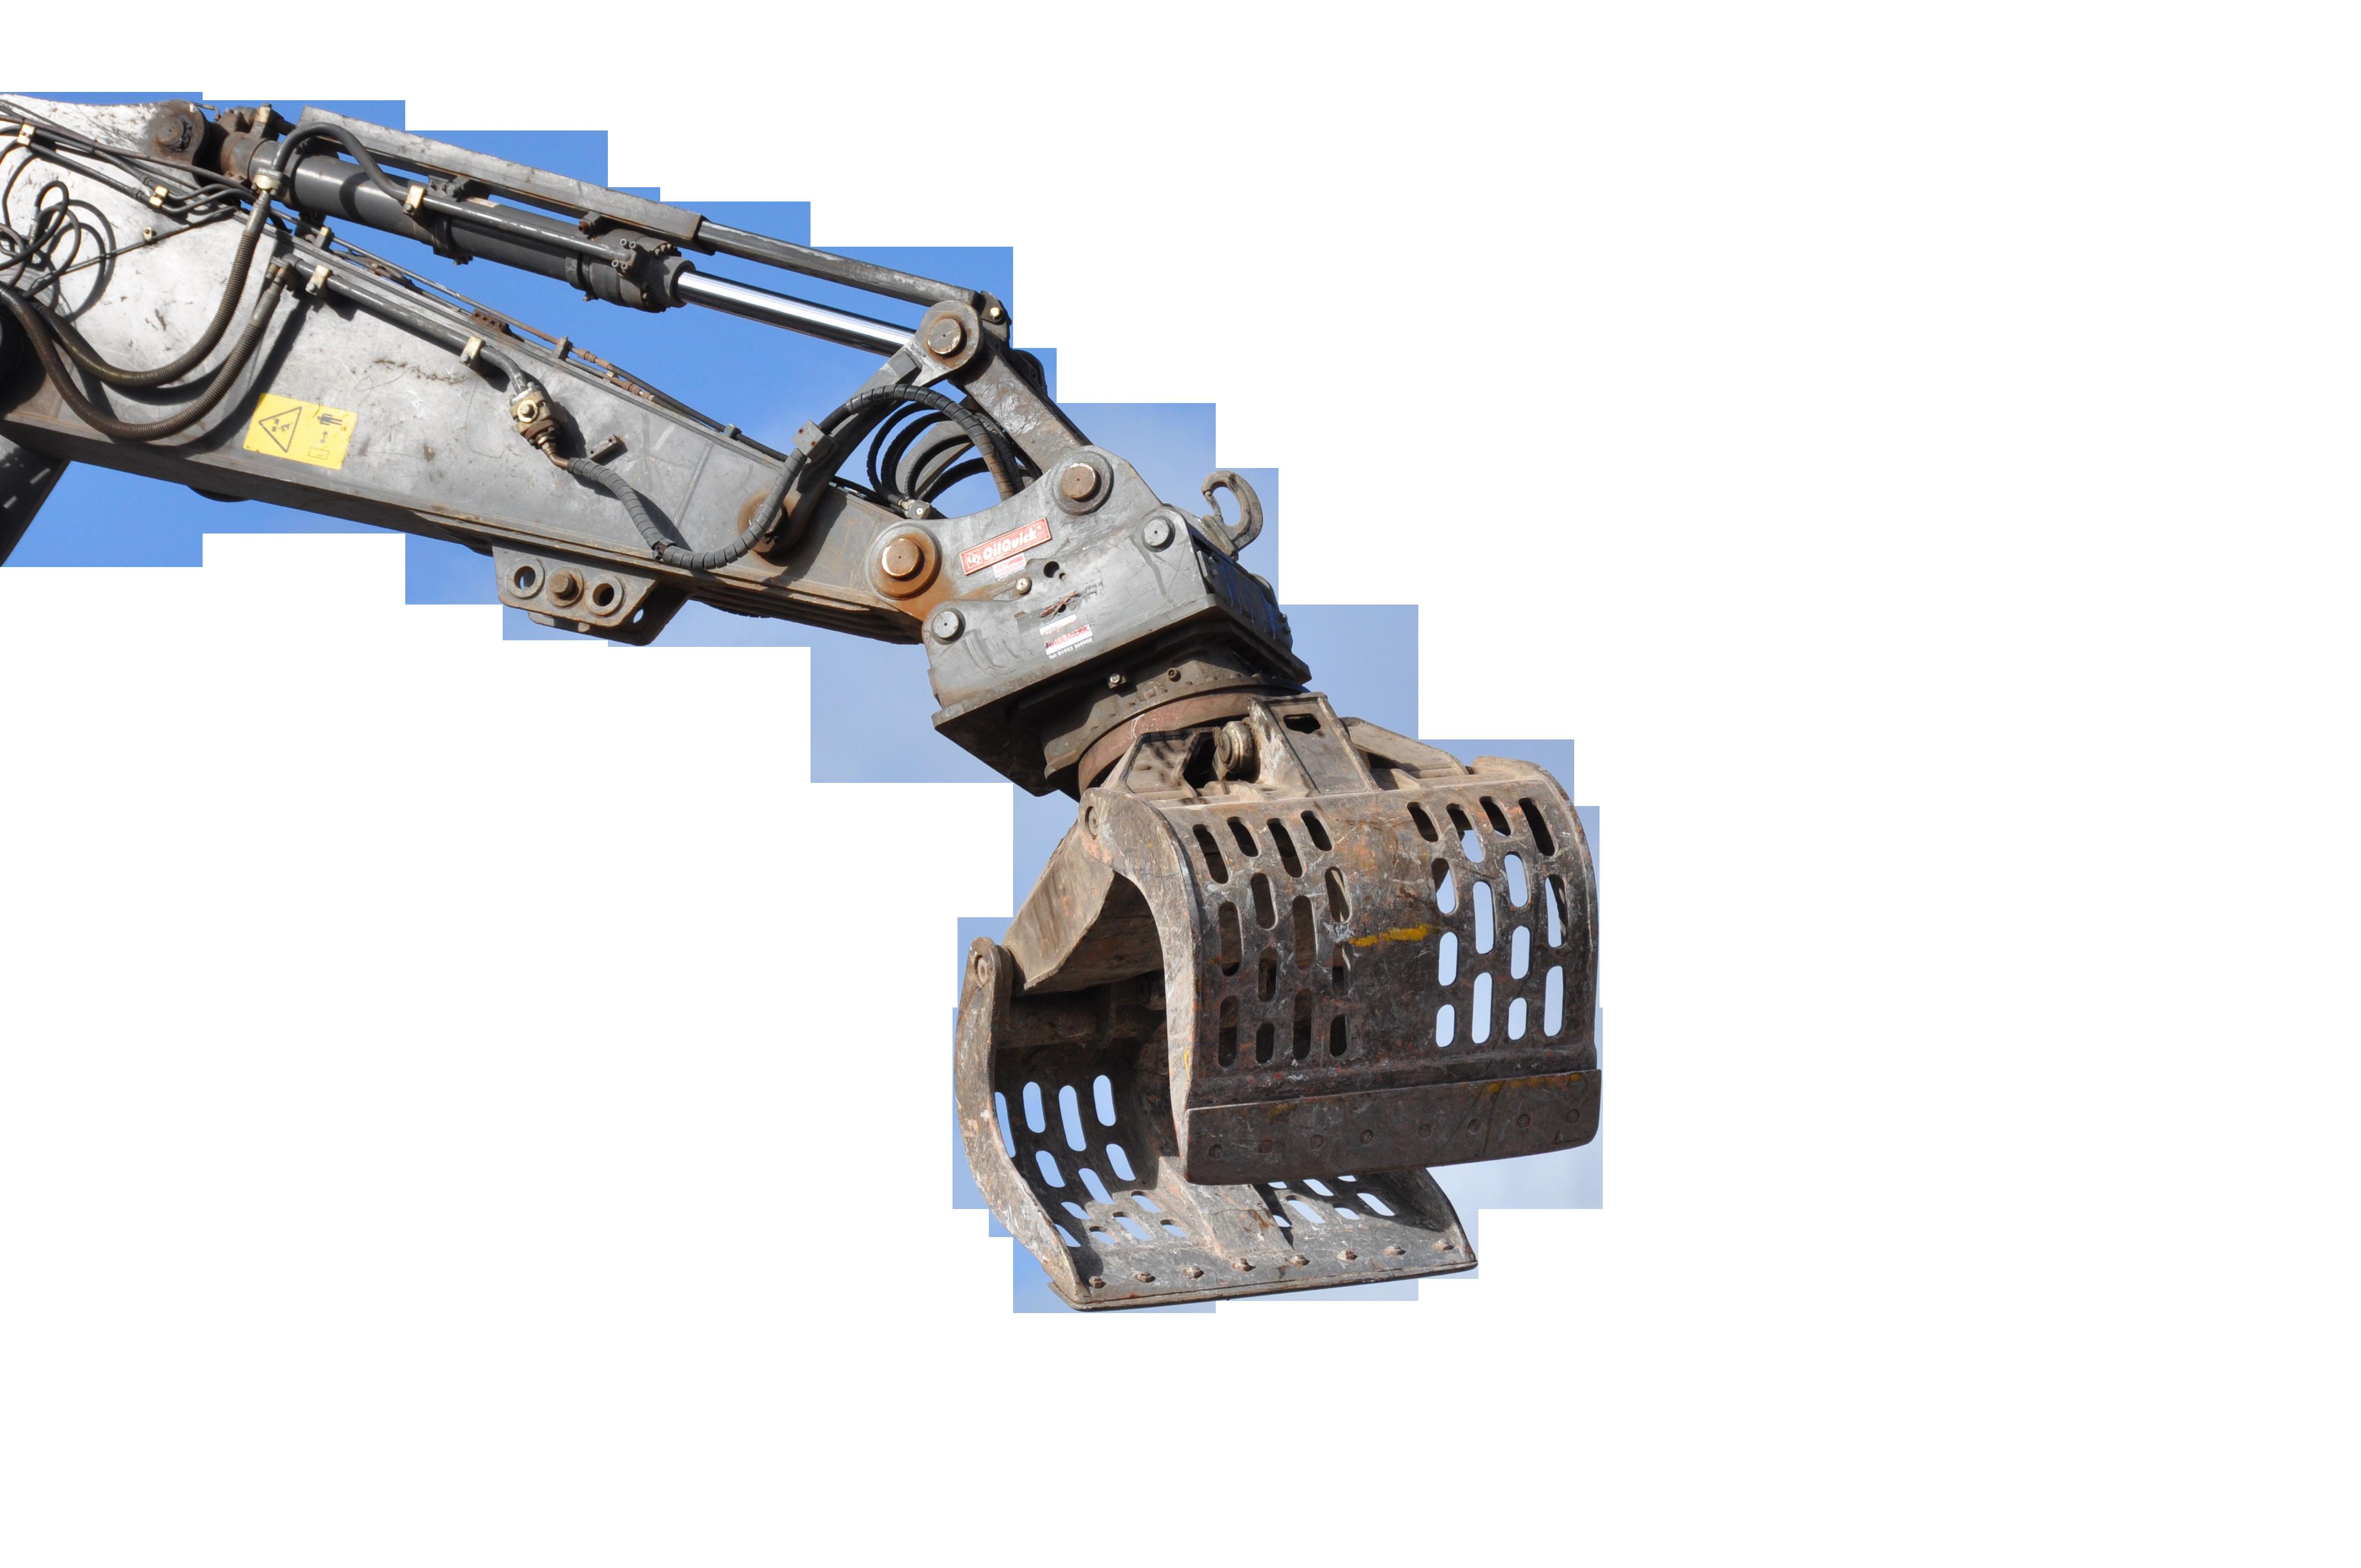 excavator-762236_Clip